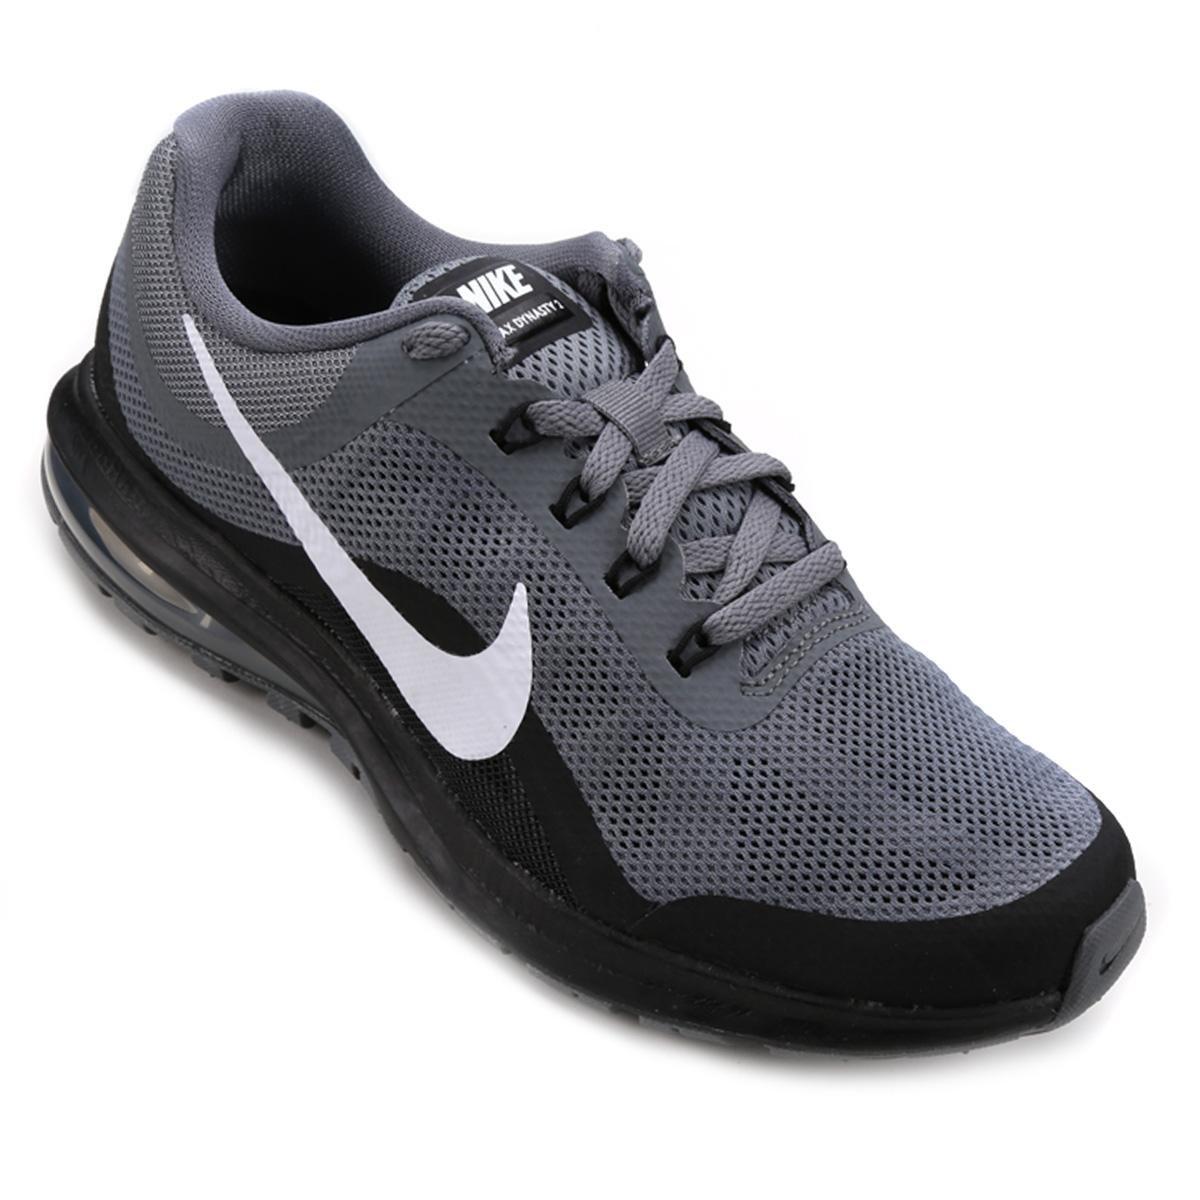 bf8fef48be2dd Tênis Nike Air Max Dynasty 2 Masculino - Compre Agora